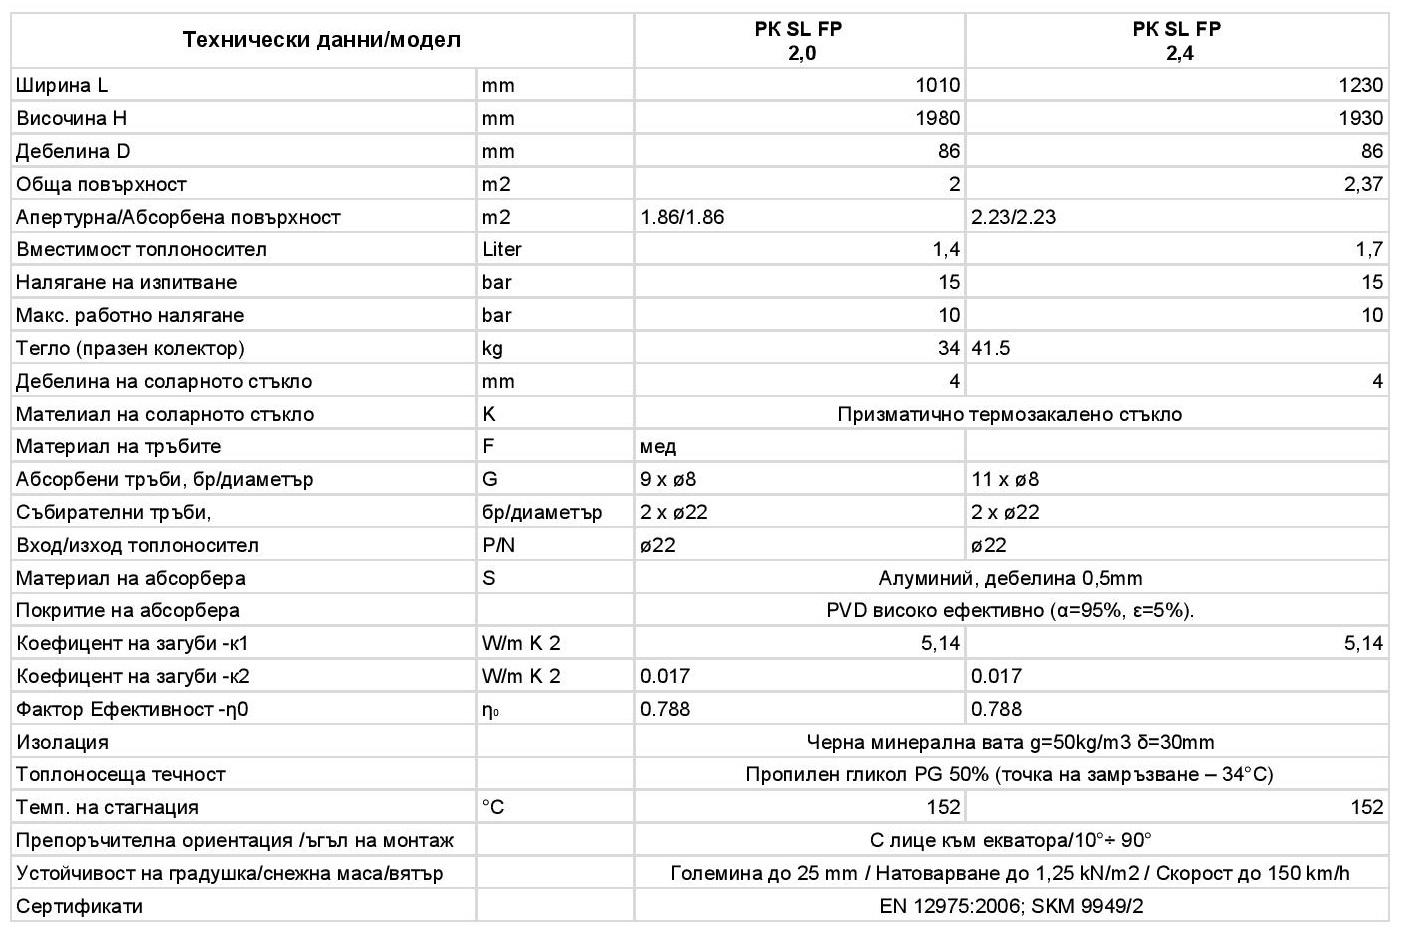 PK Select FP - технически данни